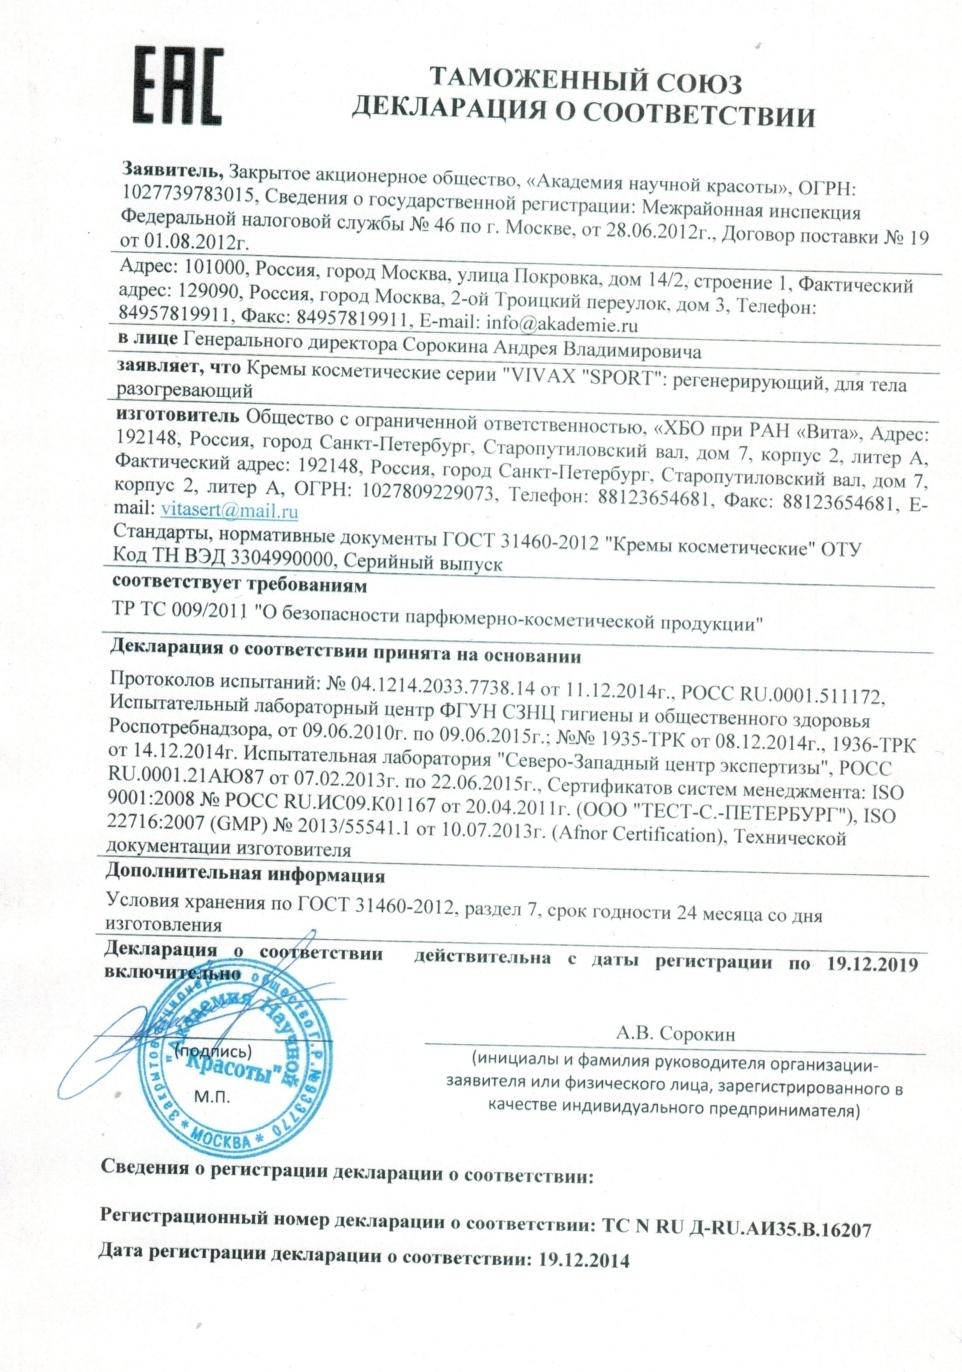 VIVAX SPORT разогревающий крем - Декларация соответствия